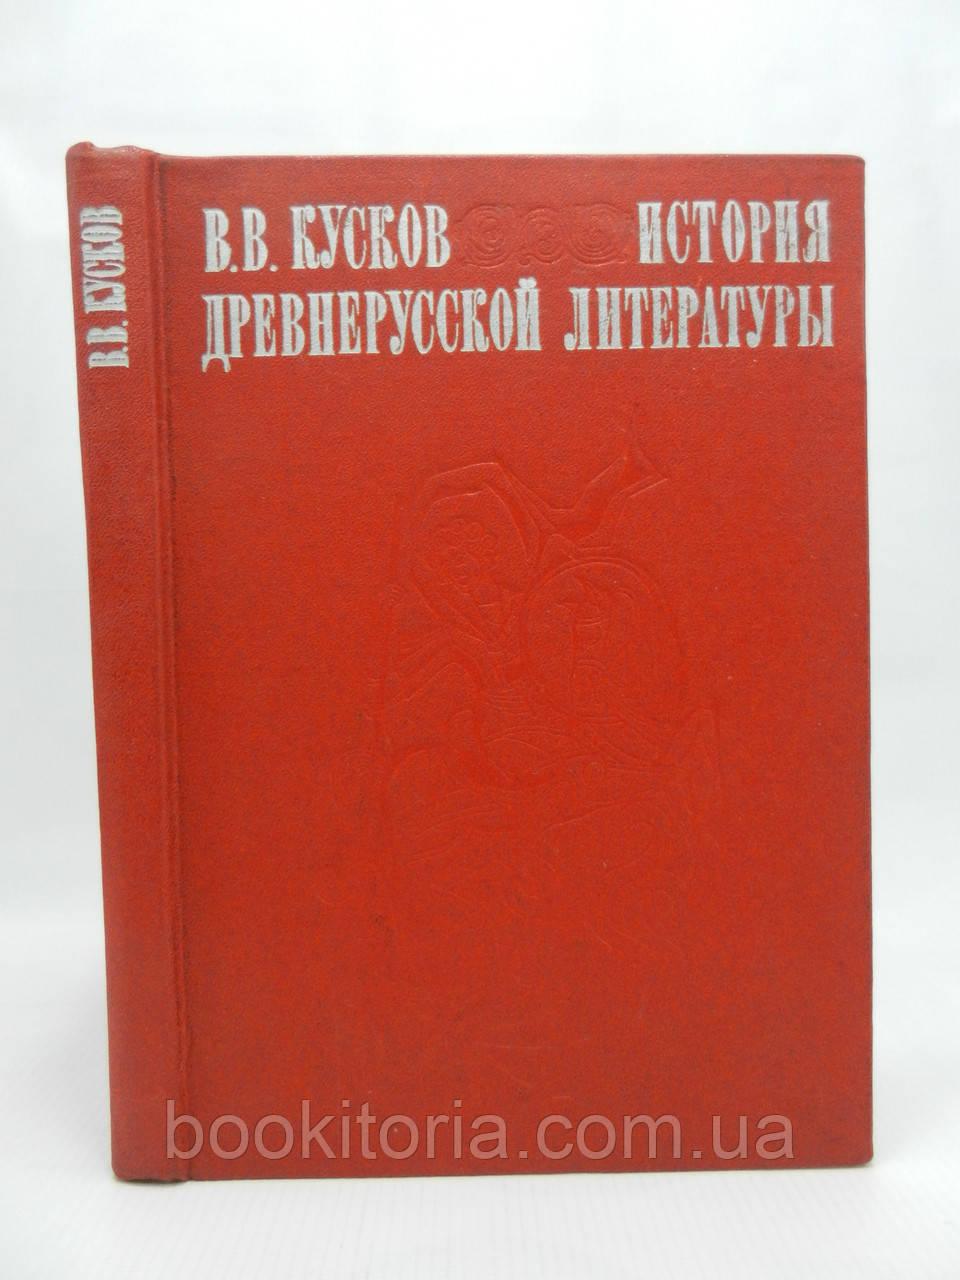 Кусков В.В. История древнерусской литературы (б/у).